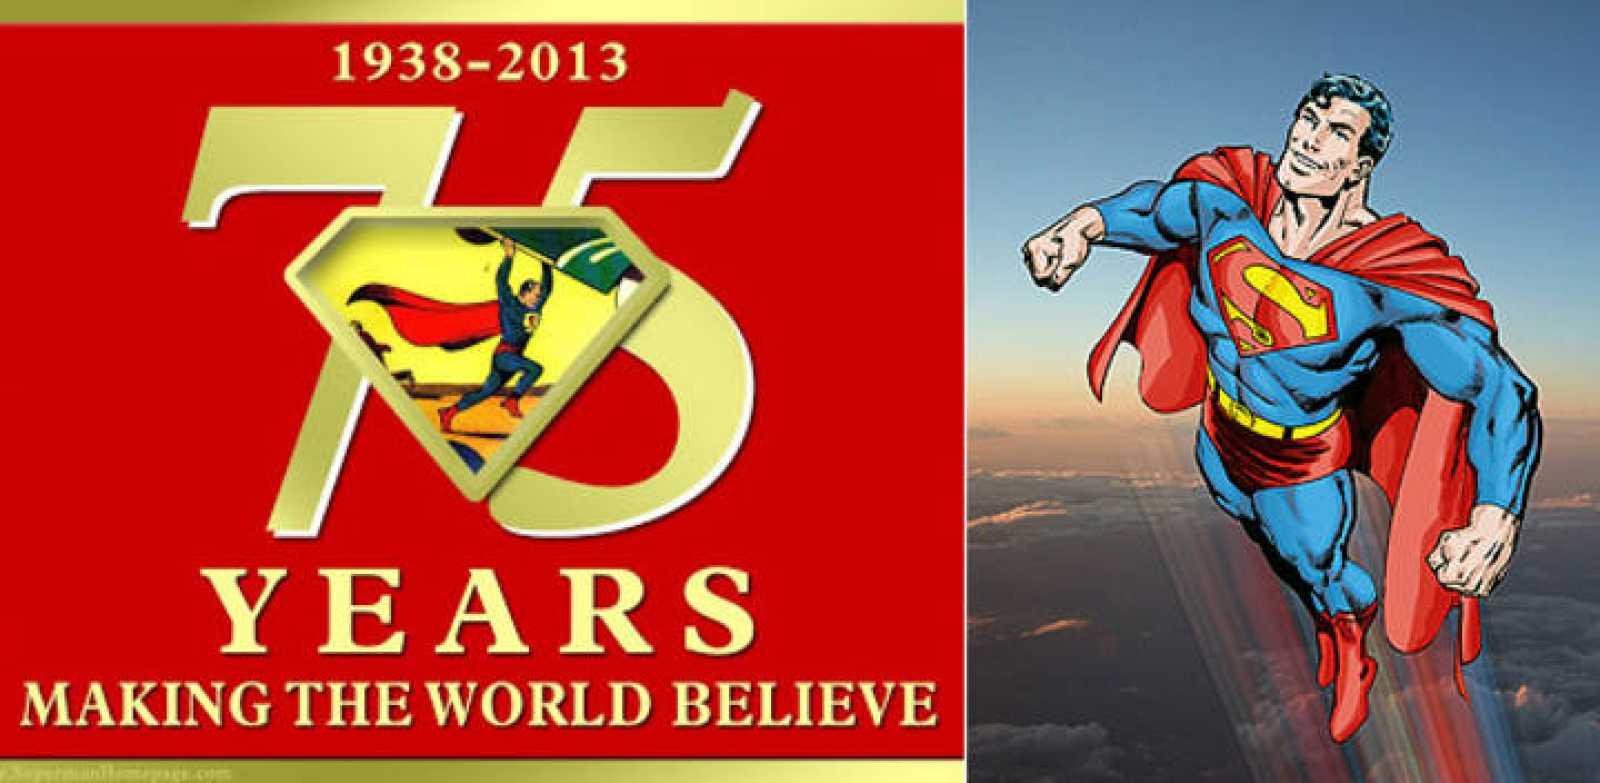 Ilustración alegórica del 75 aniversario de Superman y la versión de John Byrne que publica, actualmente, ecc ediciones